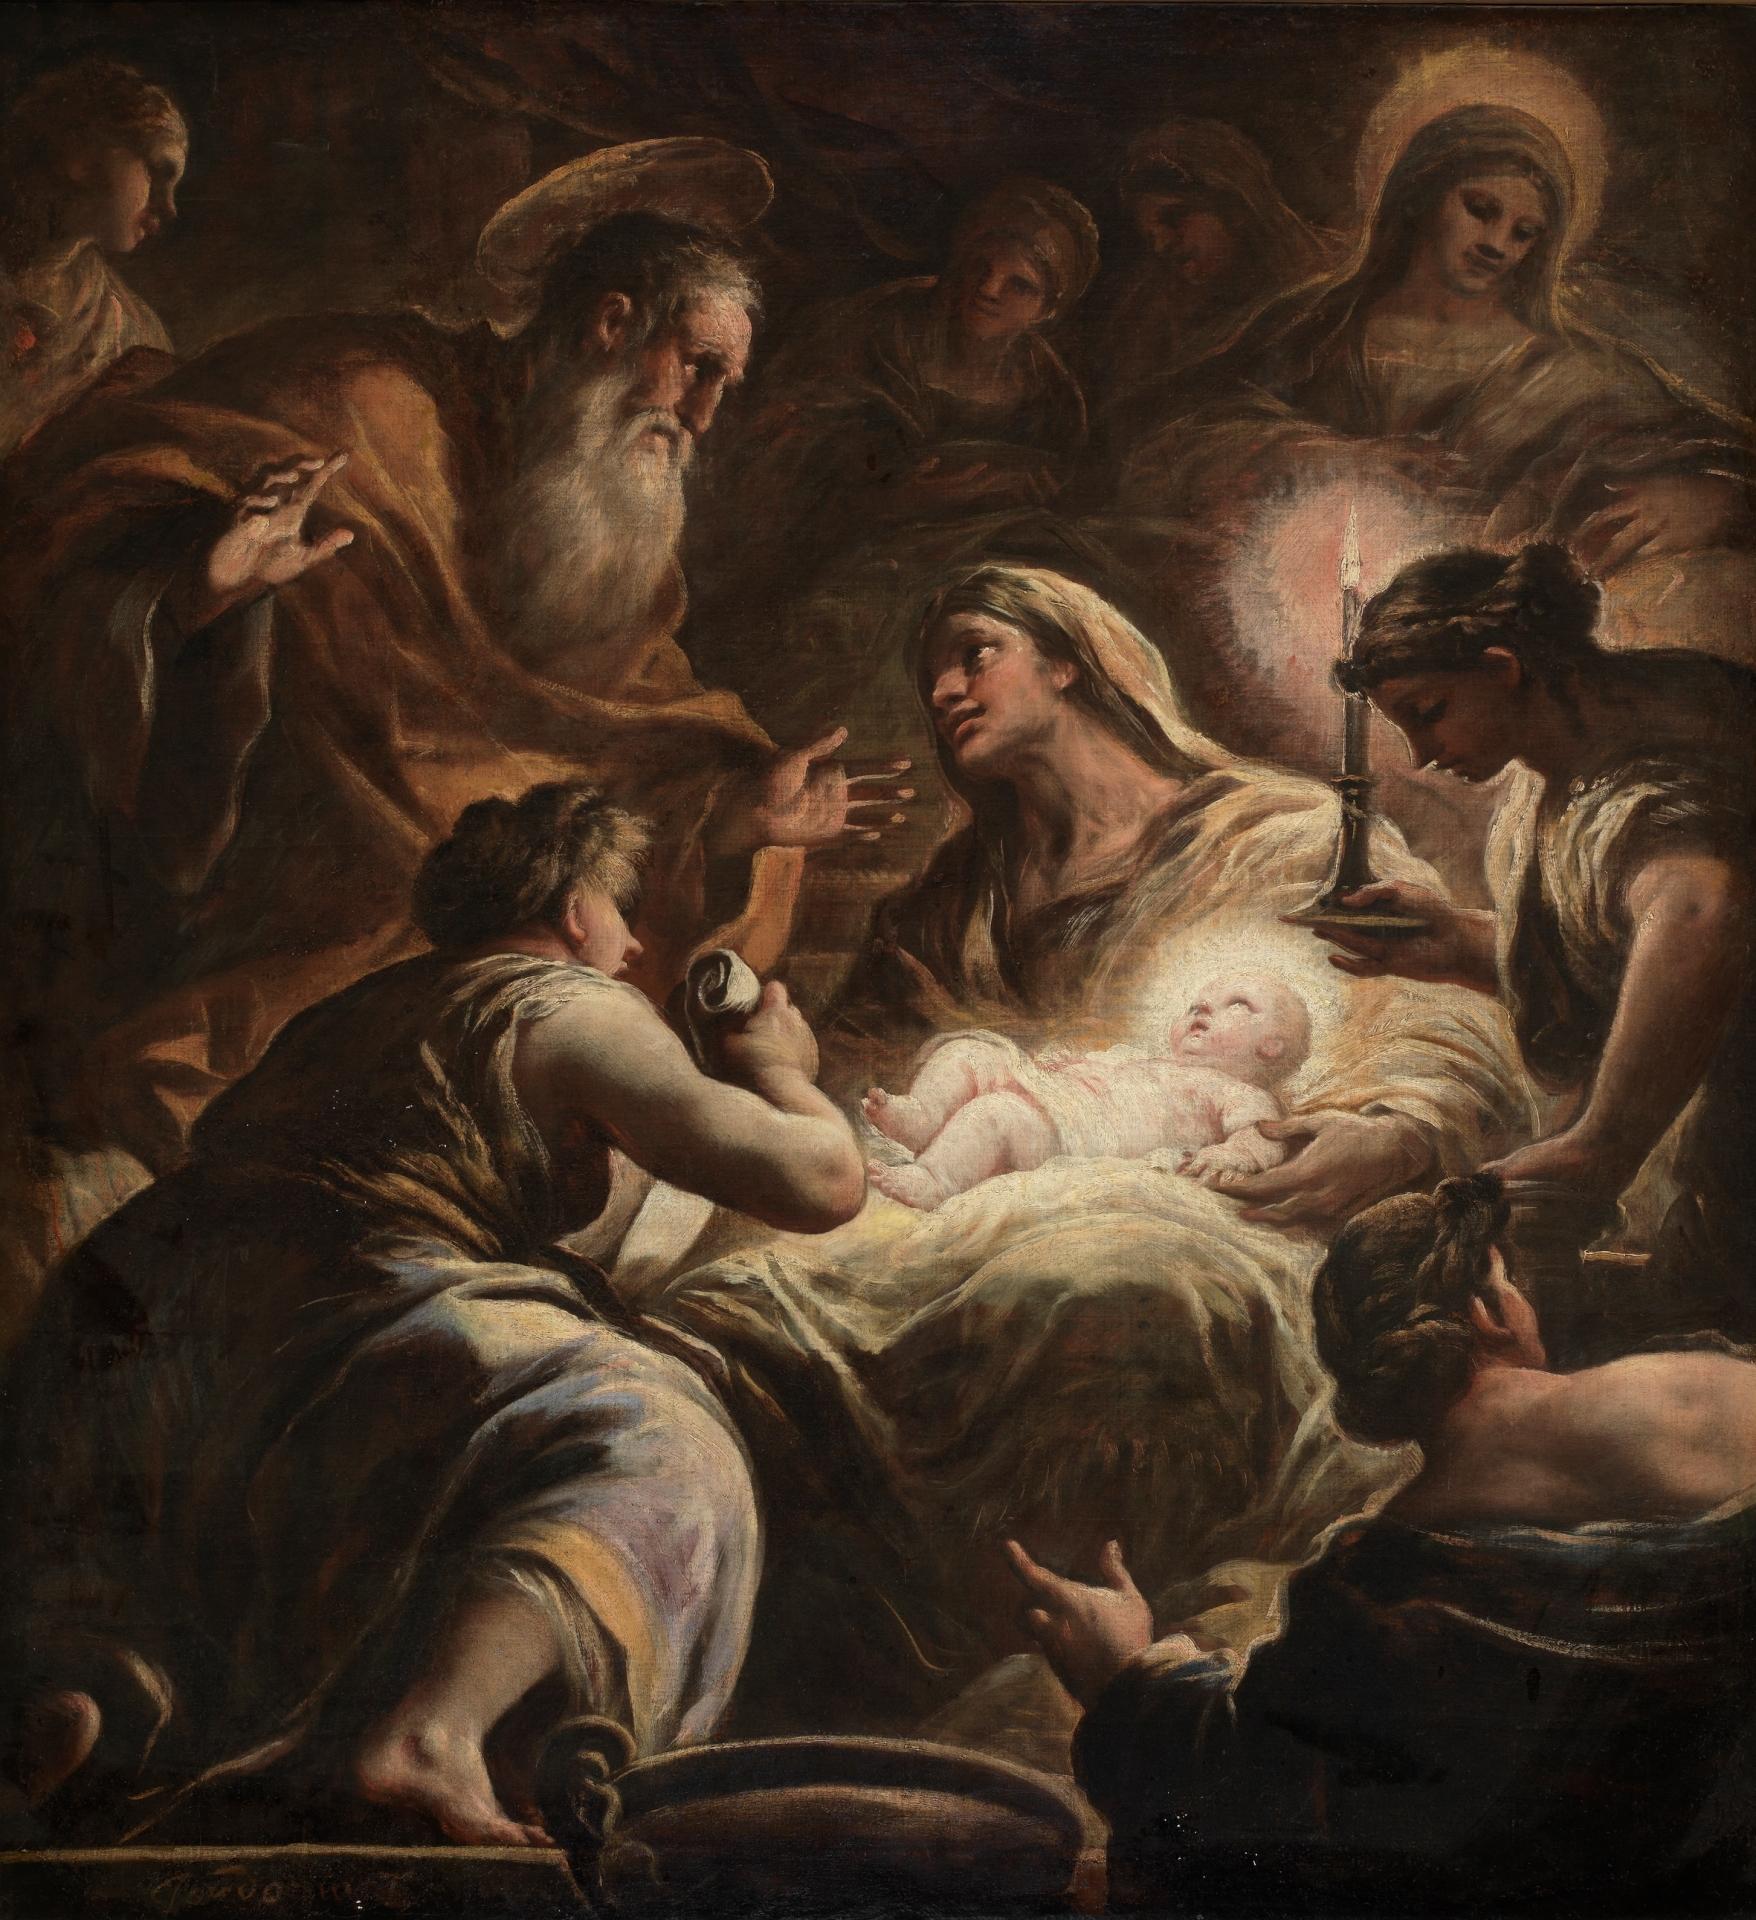 La Natividad de la Virgen - Colección - Museo Nacional del Prado